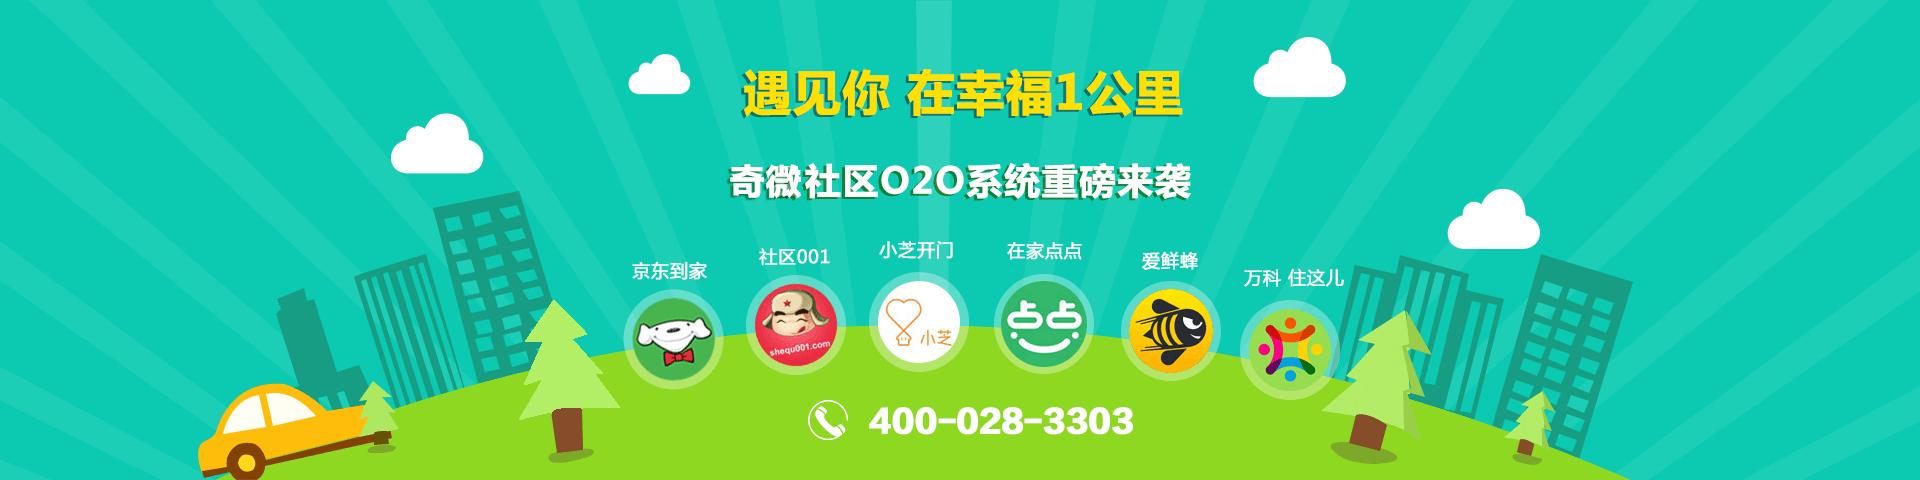 奇微社区O2O系统欧宝体育网址